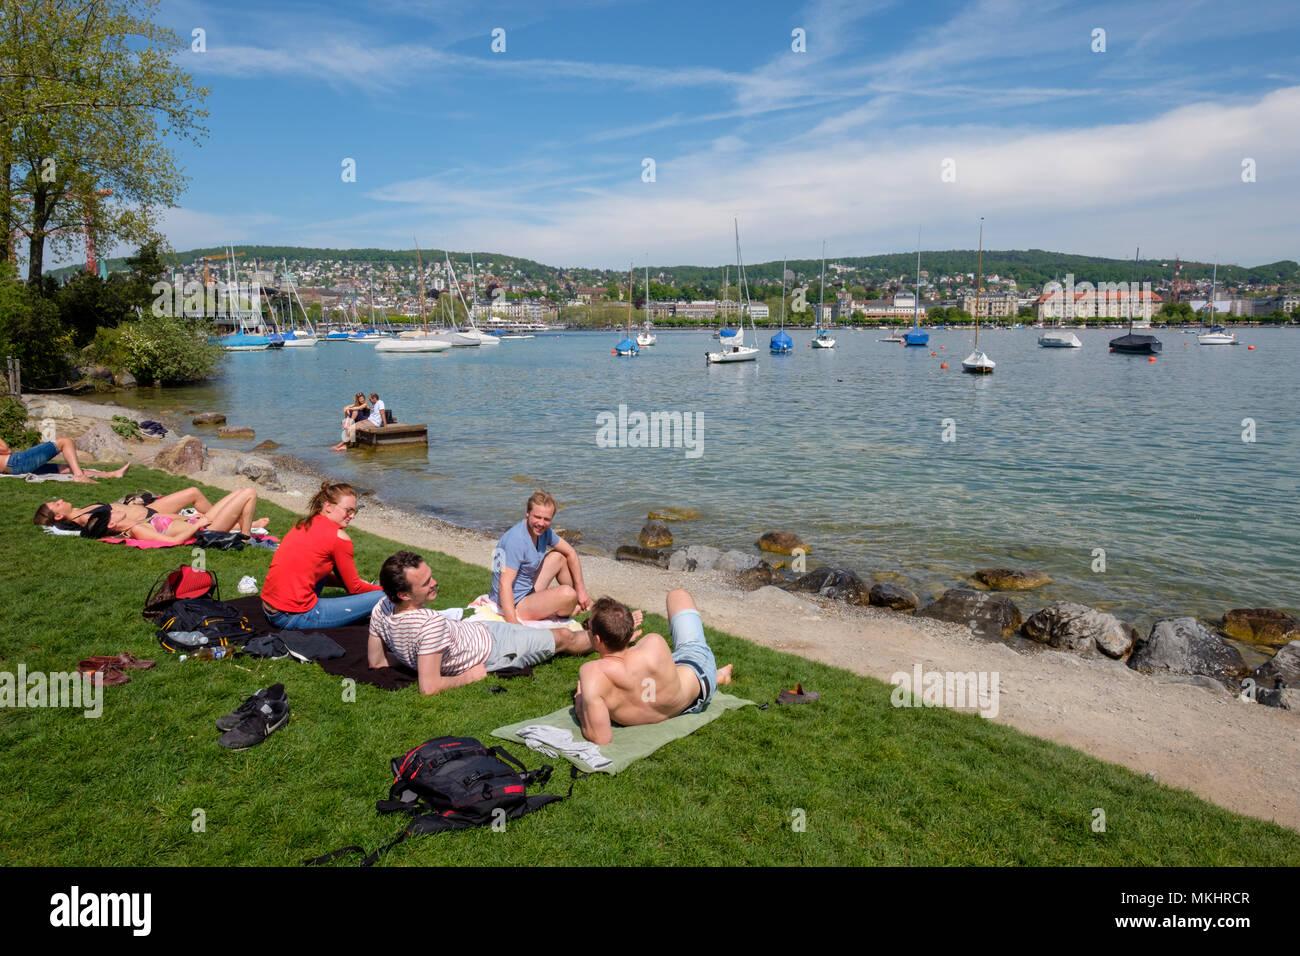 People enjoying a sunny day at Strandbad Mythenquai, on banks of Lake Zurich, Zürich, Switzerland, Europe - Stock Image